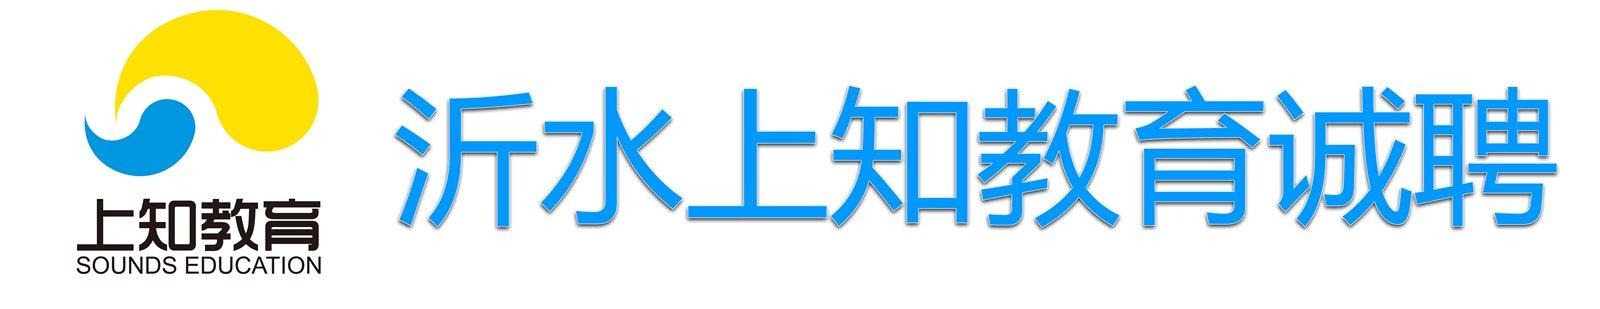 济南上知教育(沂水校区)